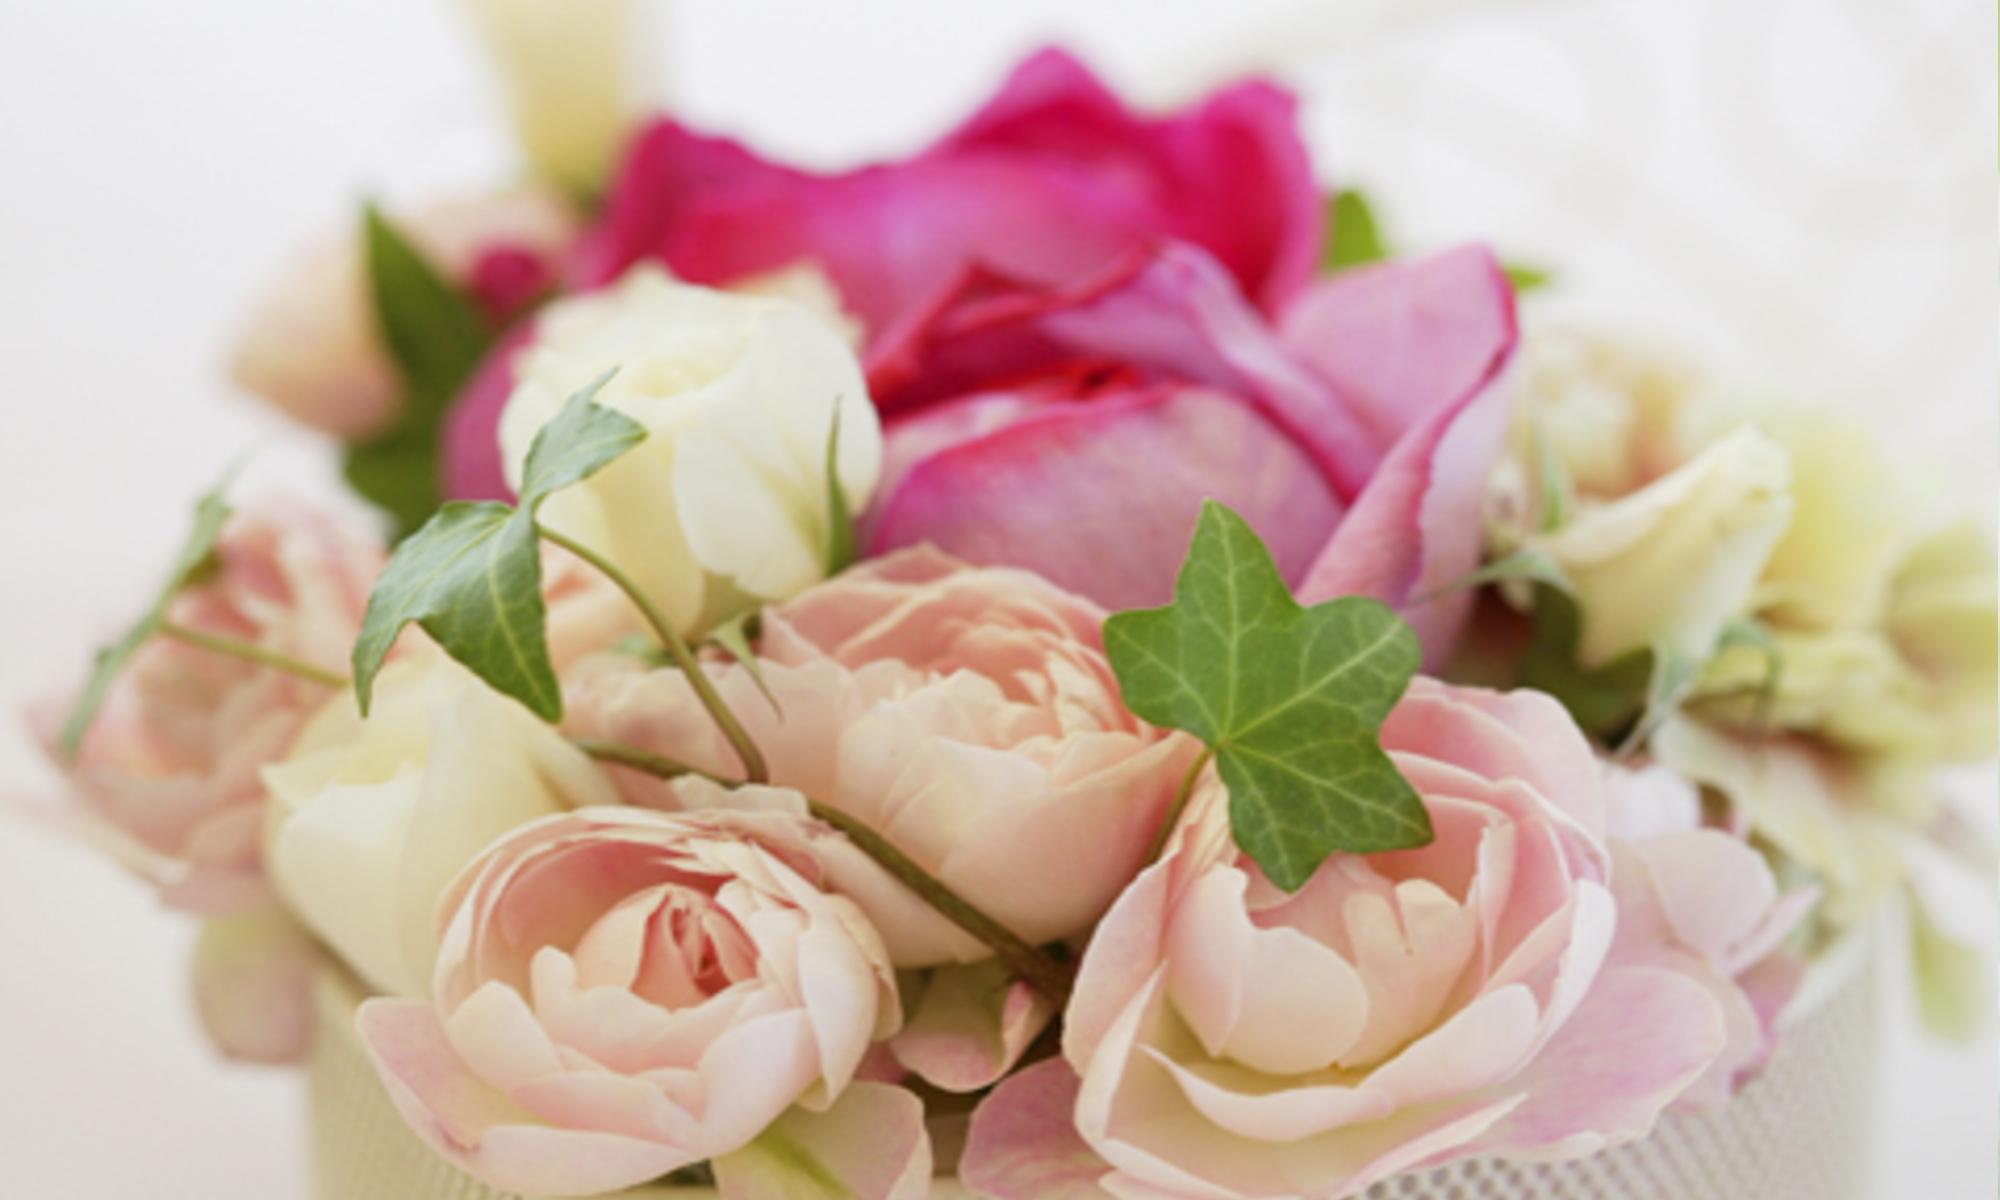 豊島区池袋の結婚相談所お見合いイメージ花